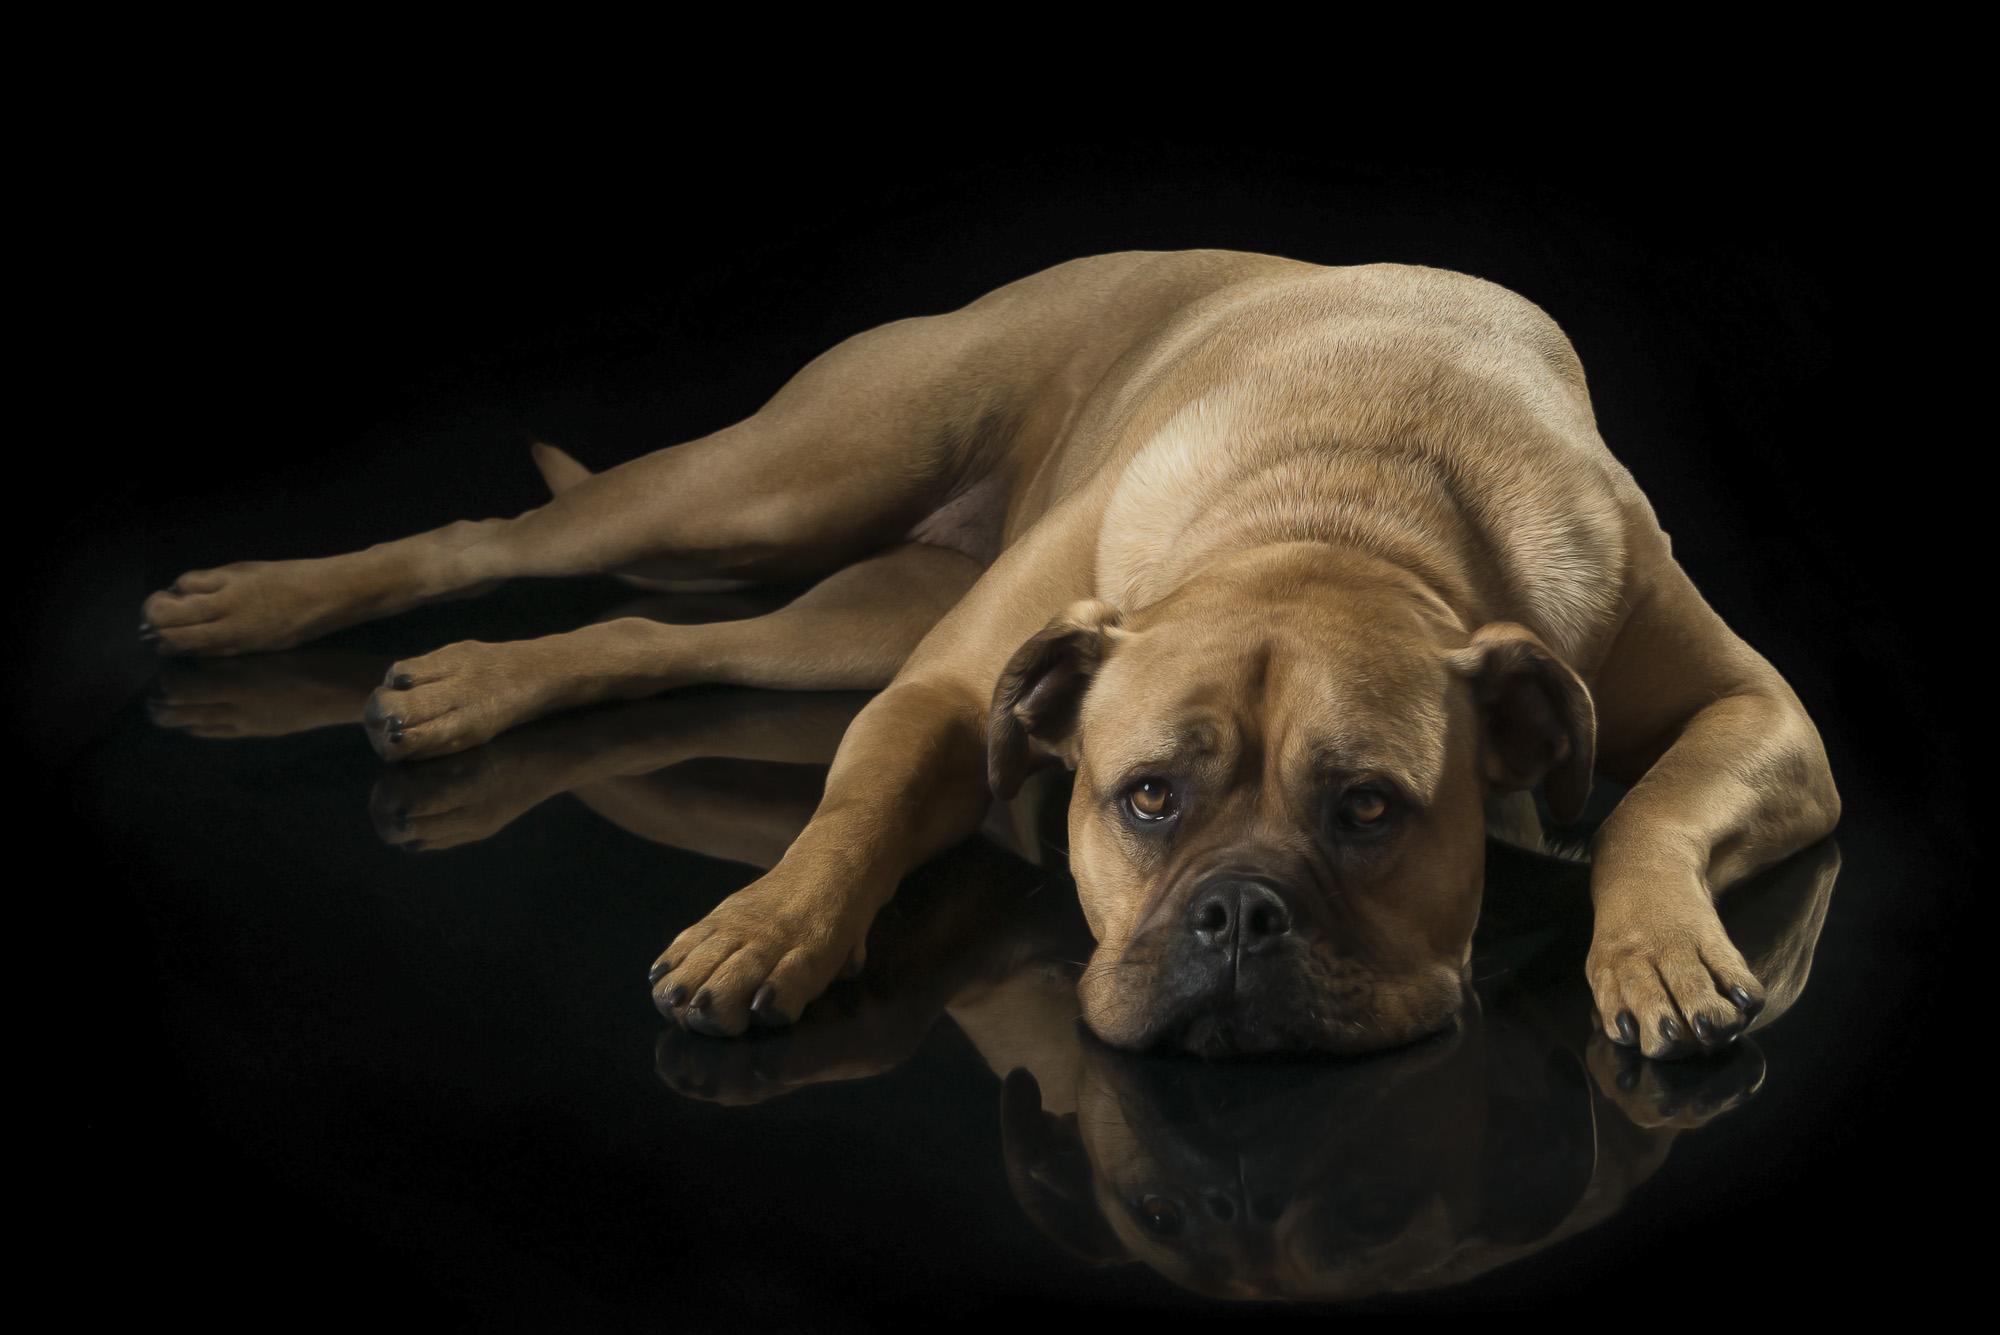 LupinBay-Dog-Mastiff-0143-3908.jpg